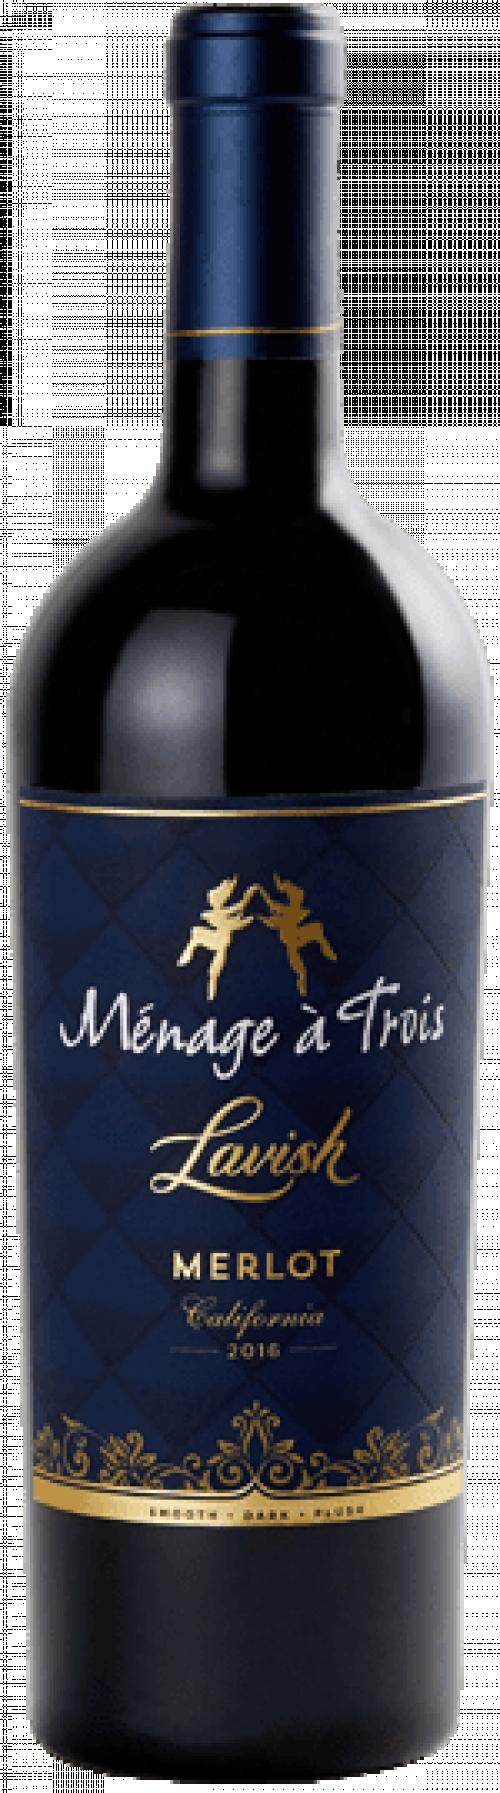 Menage A Trois Lavish Merlot 750ml NV